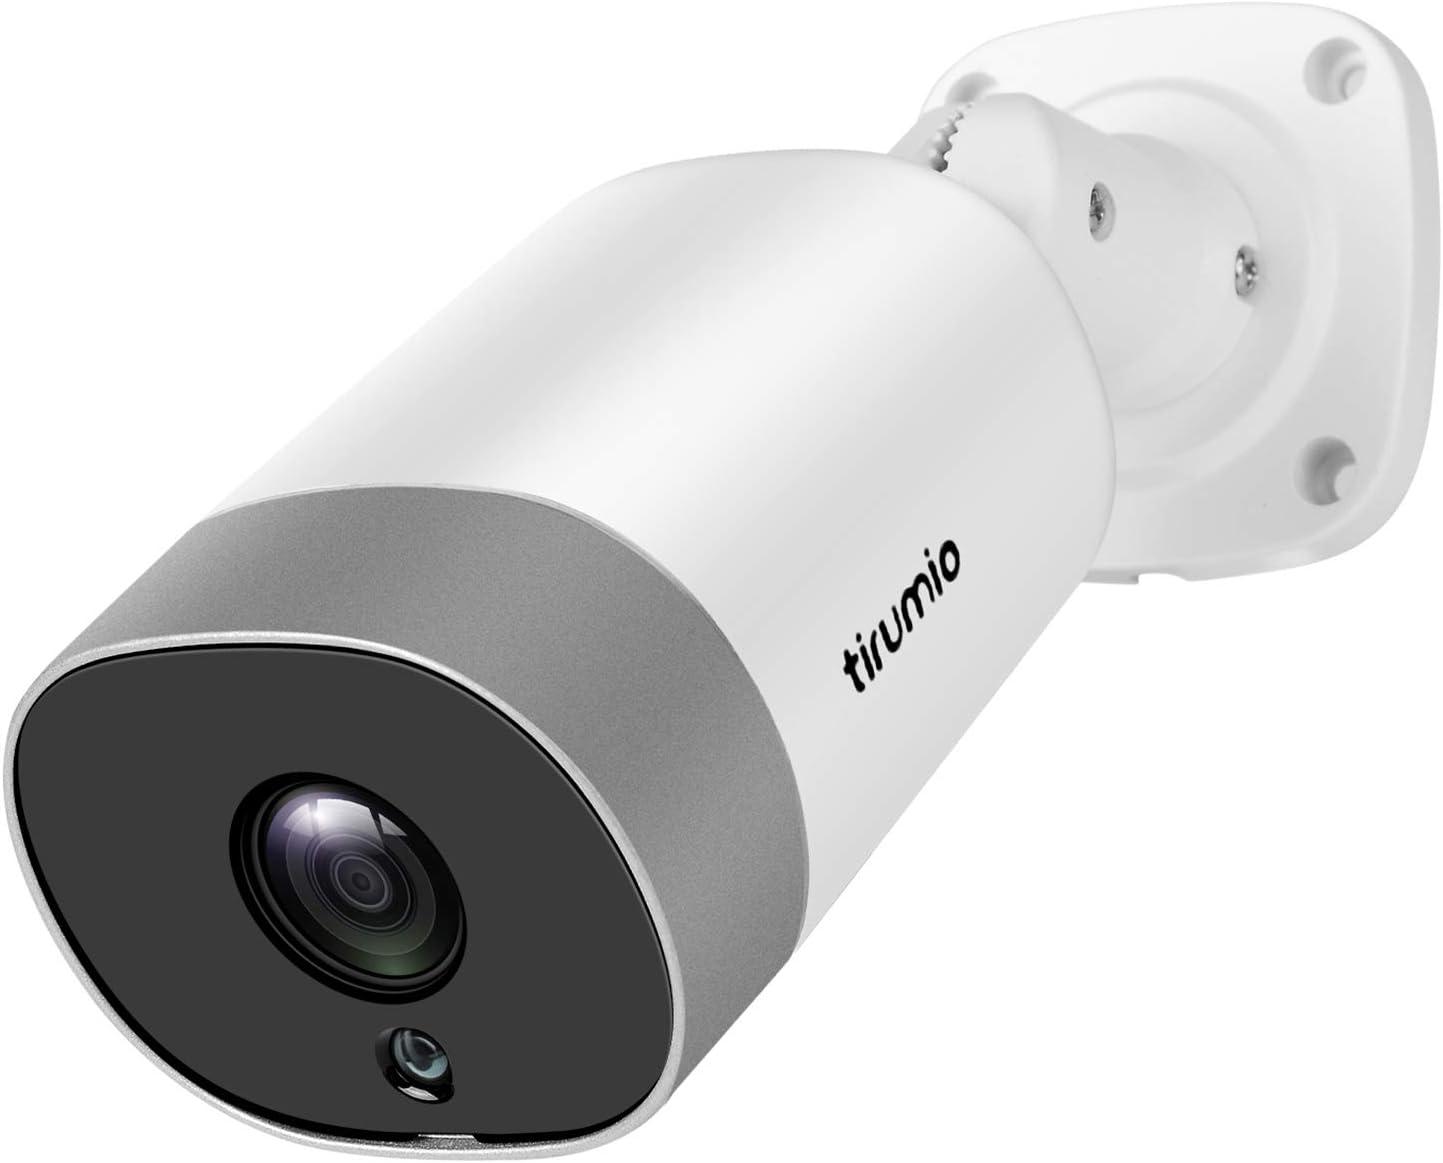 Tirumio PoE Camera 5MP Super HD Outdoor Cameras